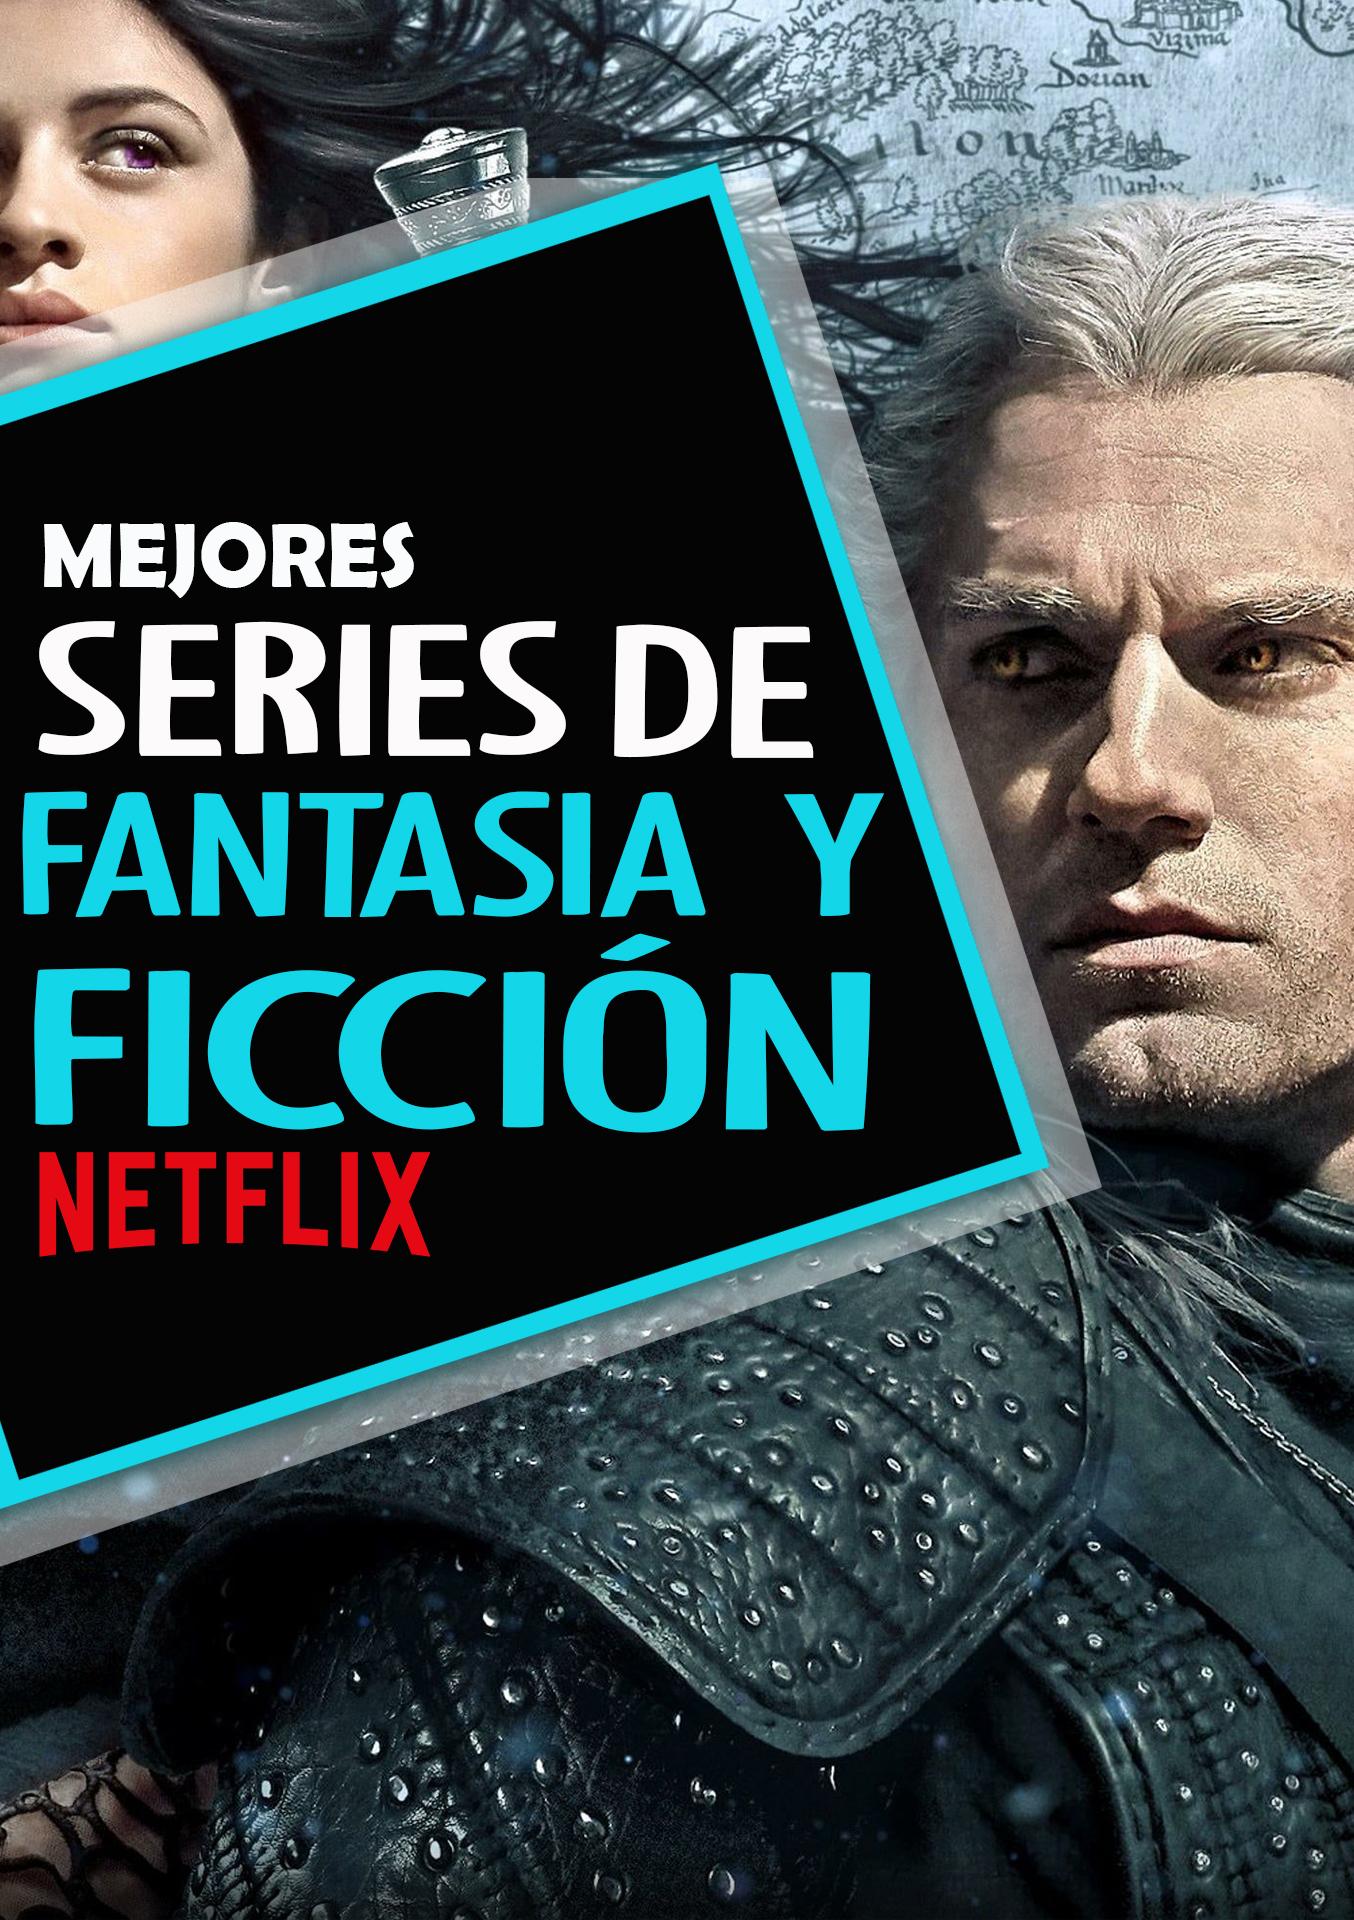 Mejores series de fantasía y ficción de Netflix 2020